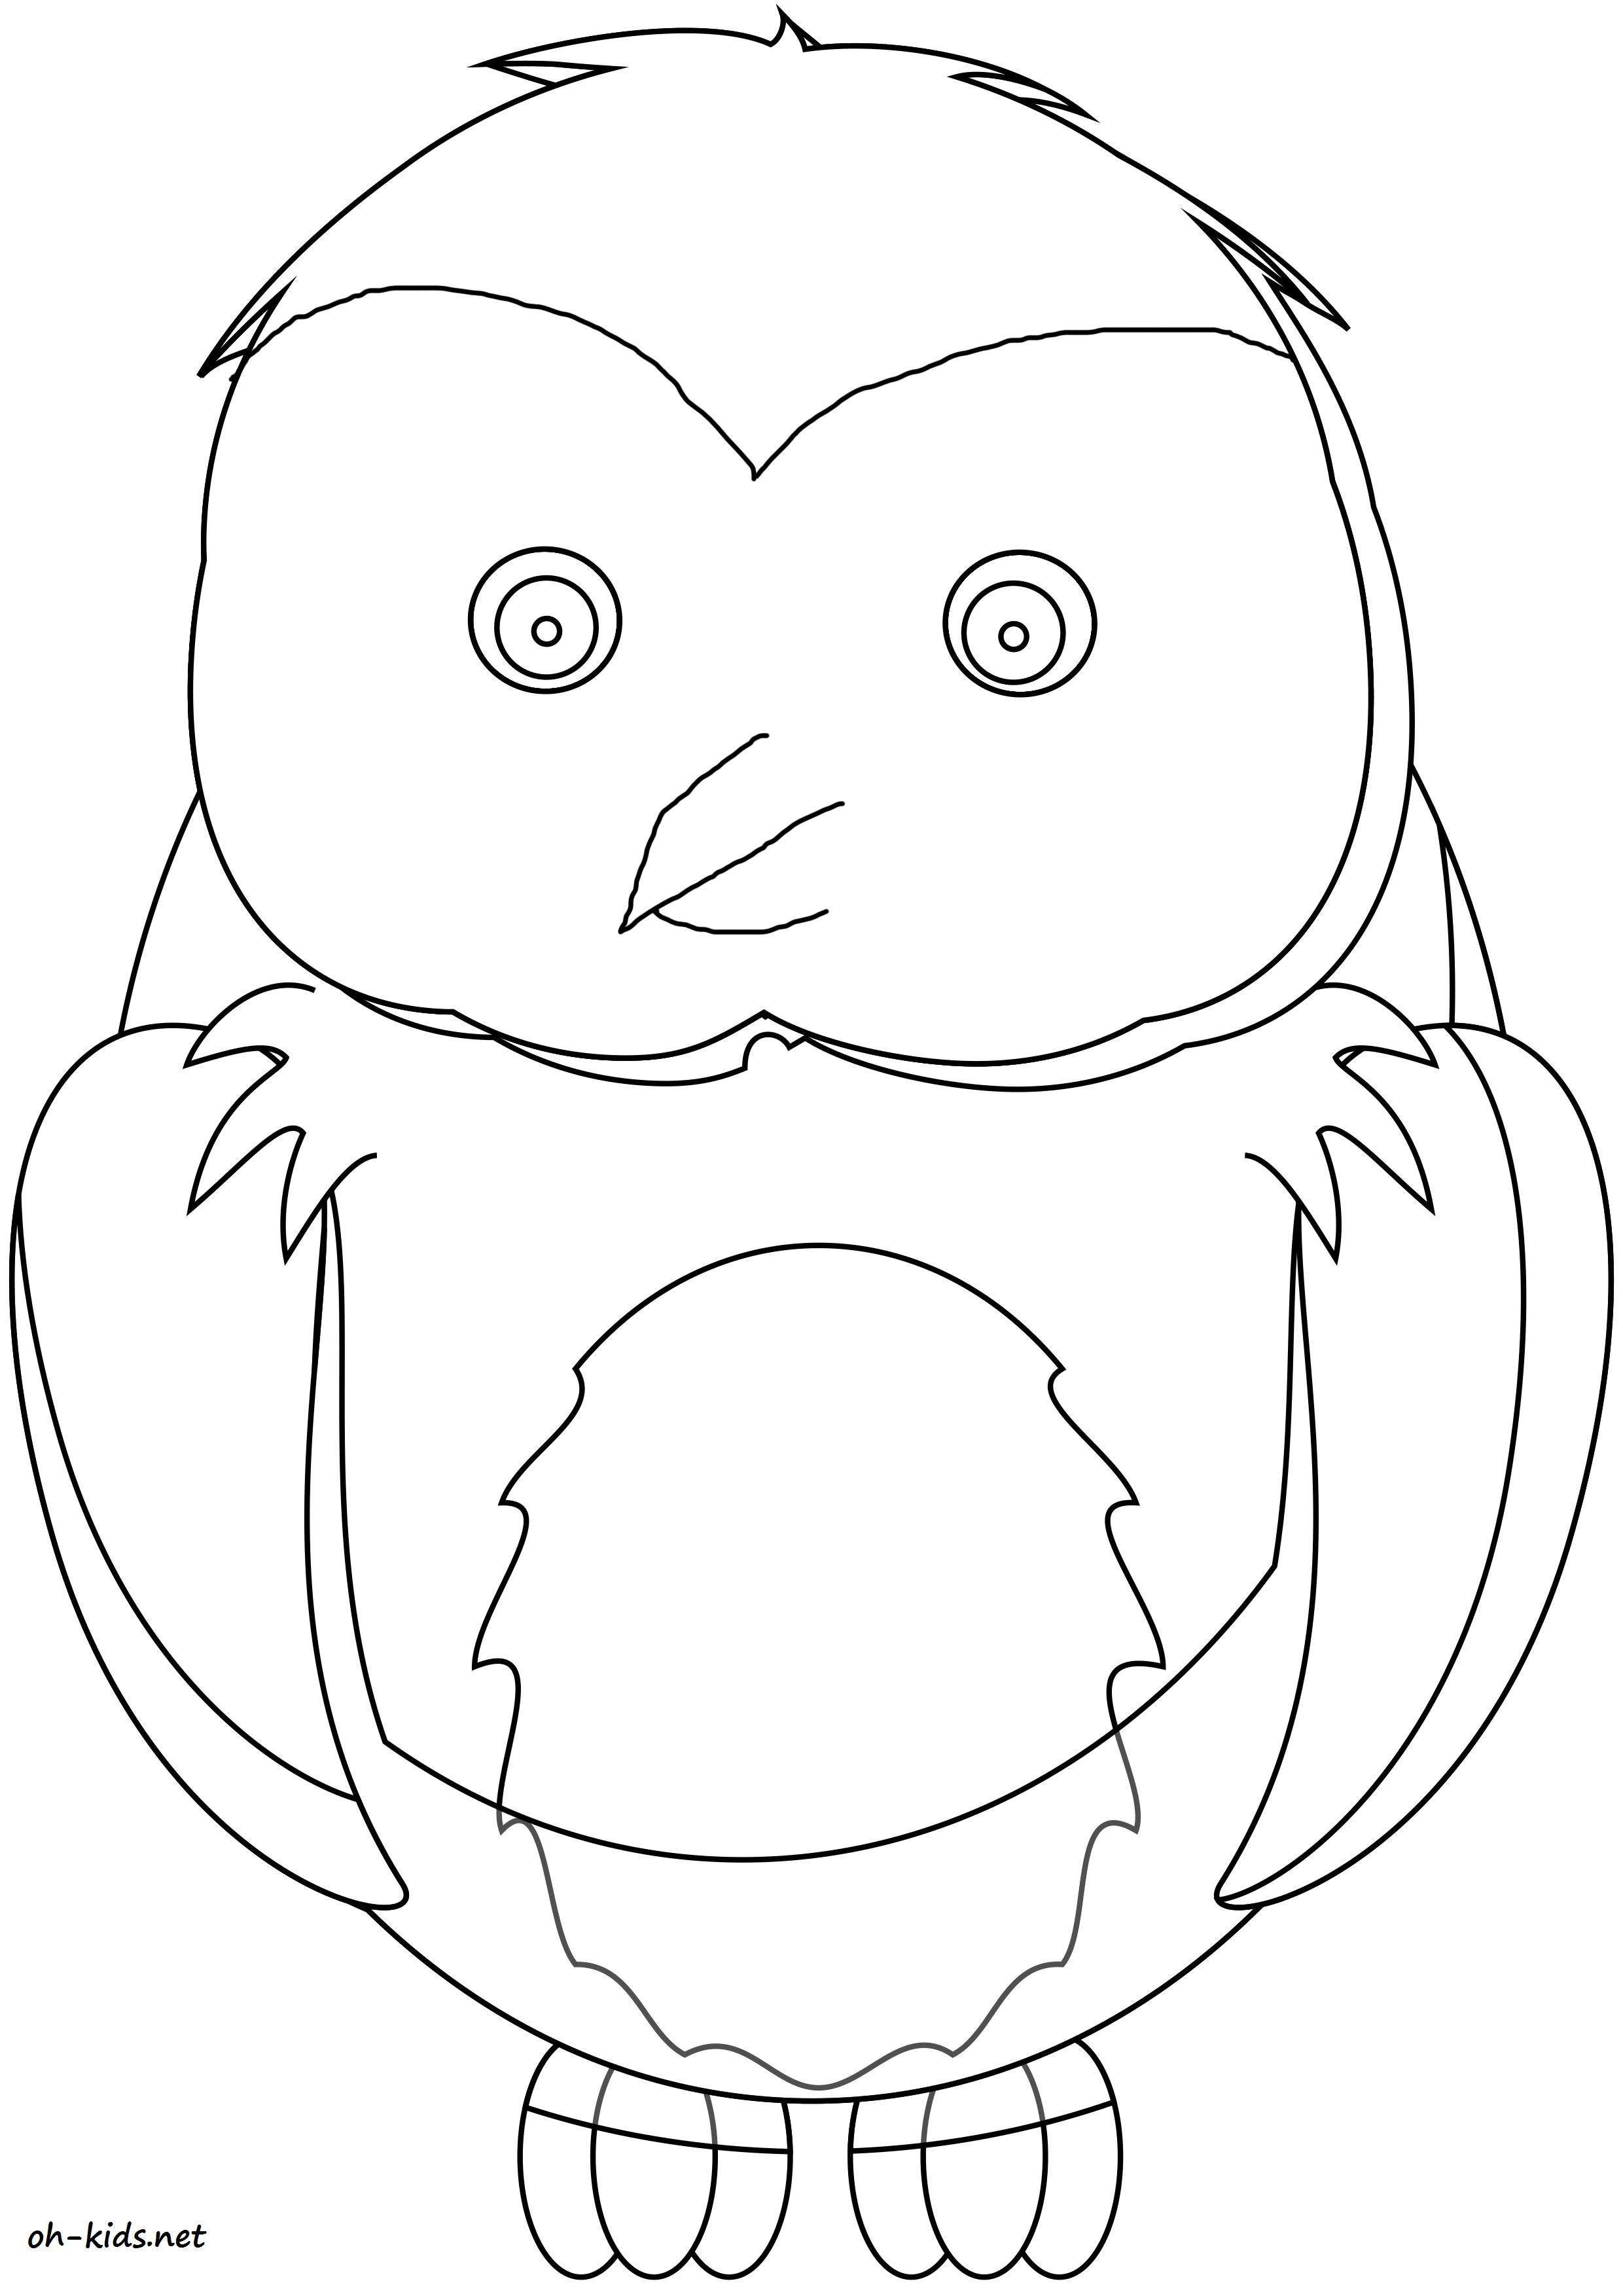 Coloriage hibou à imprimer - Dessin #1605